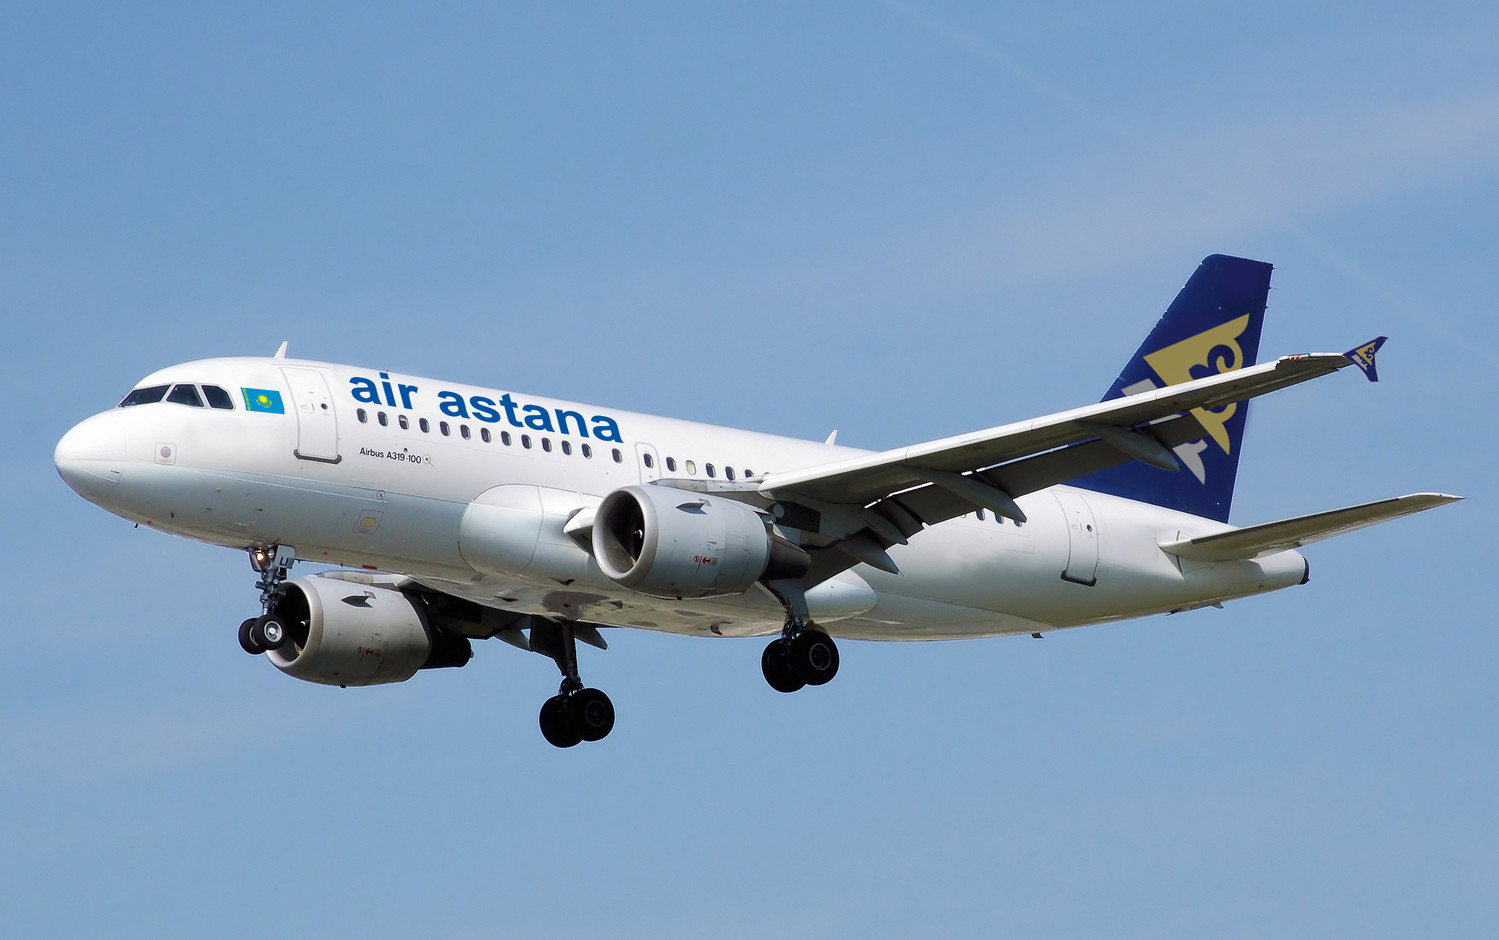 Авиакомпаниия Air Astana с 28 октября перешла на зимнее расписание полётов